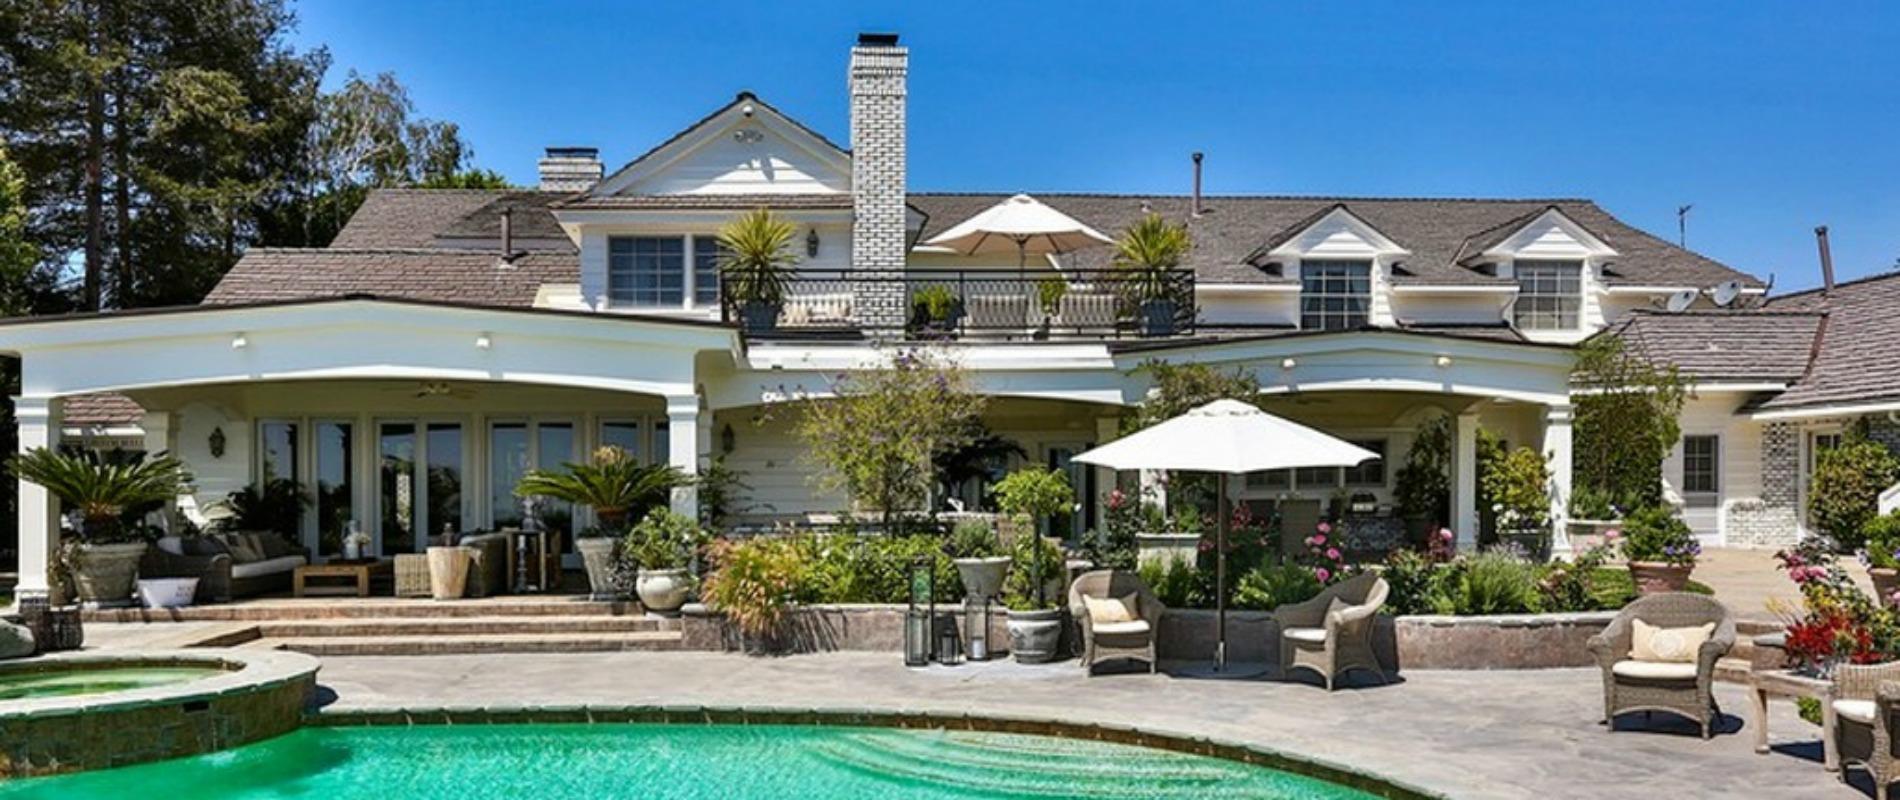 Choisisez votre maison préférée - Page 35 Jennifer-lopez-vend-sa-maison-californienne